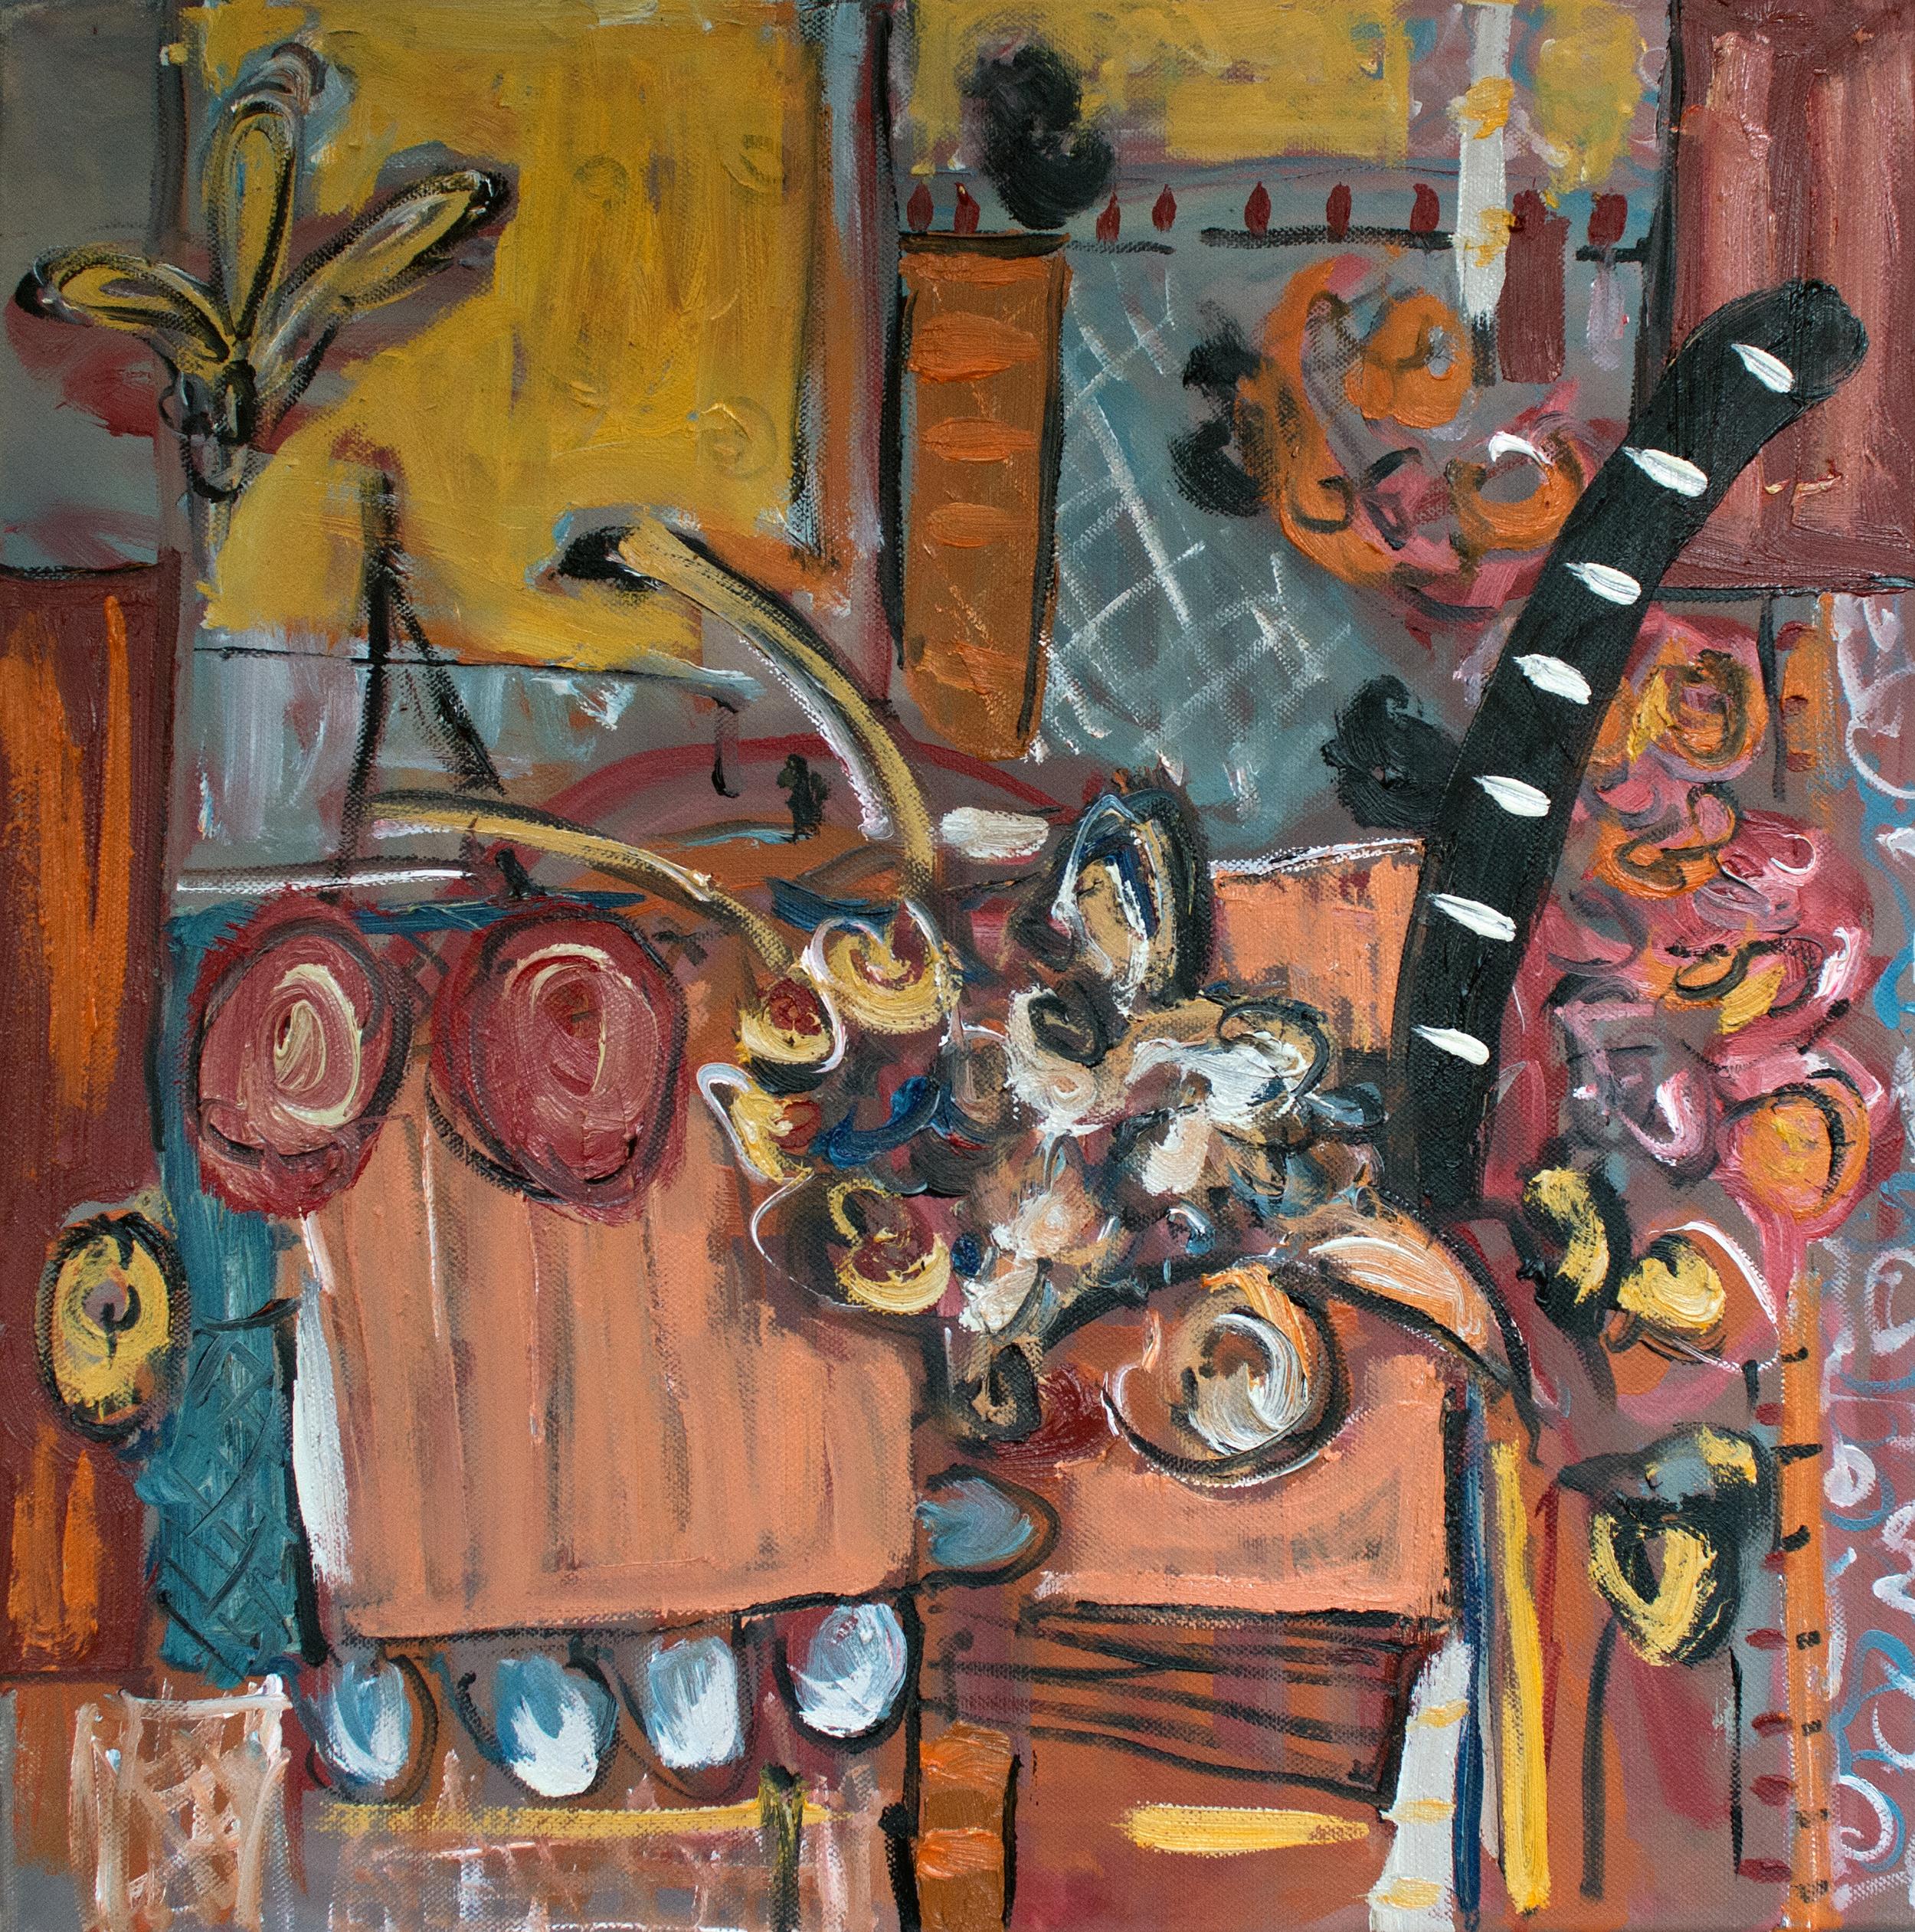 Alec Cumming, Untitled 3, oil on canvas, 50x49.5cm, 2015.jpg